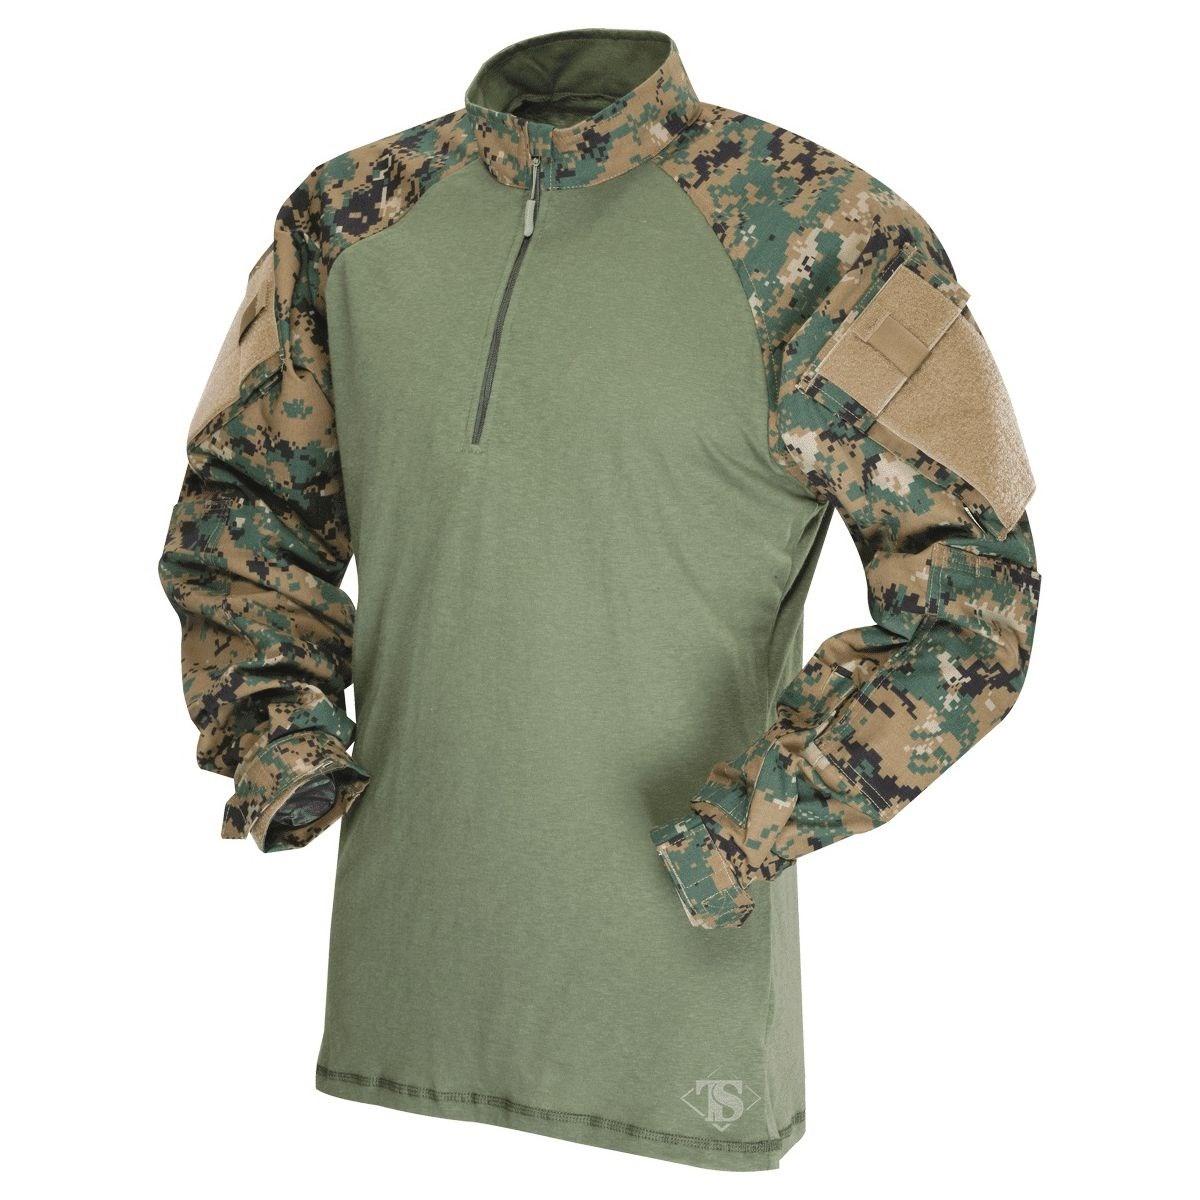 Košile taktická COMBAT TRU 1/4 ZIP DIGITAL WOODLAND - MARPAT TRU-SPEC 25690 L-11